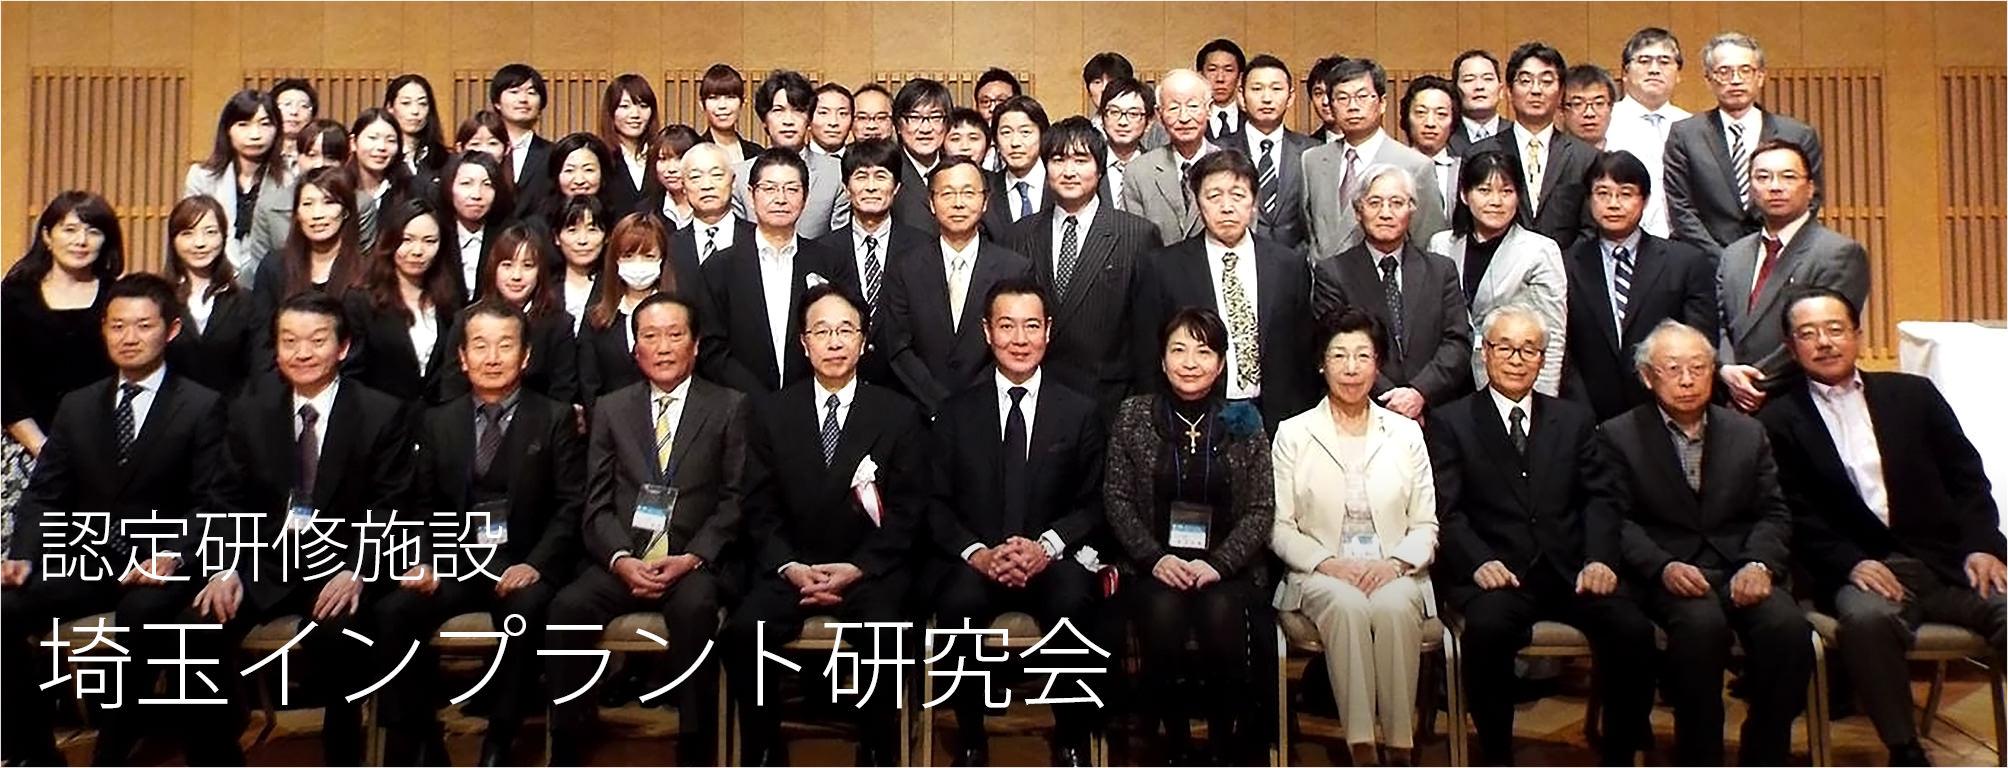 認定研修施設 埼玉インプラント研究会